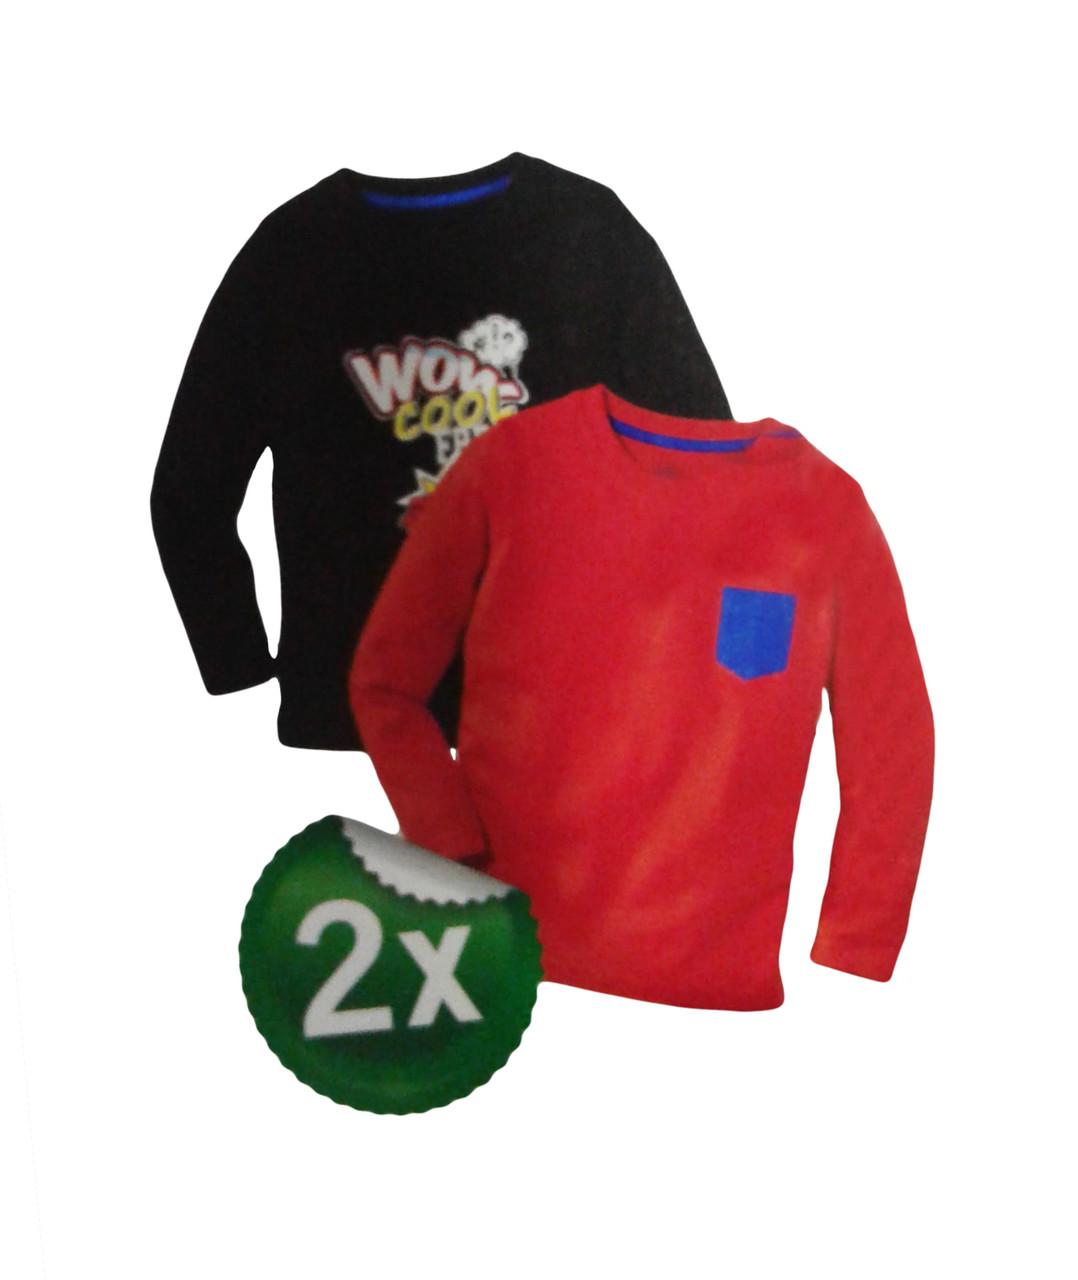 Реглан для мальчика, ( 2 шт в упаковке), размеры  98/104, Lupilu, арт. Л-382